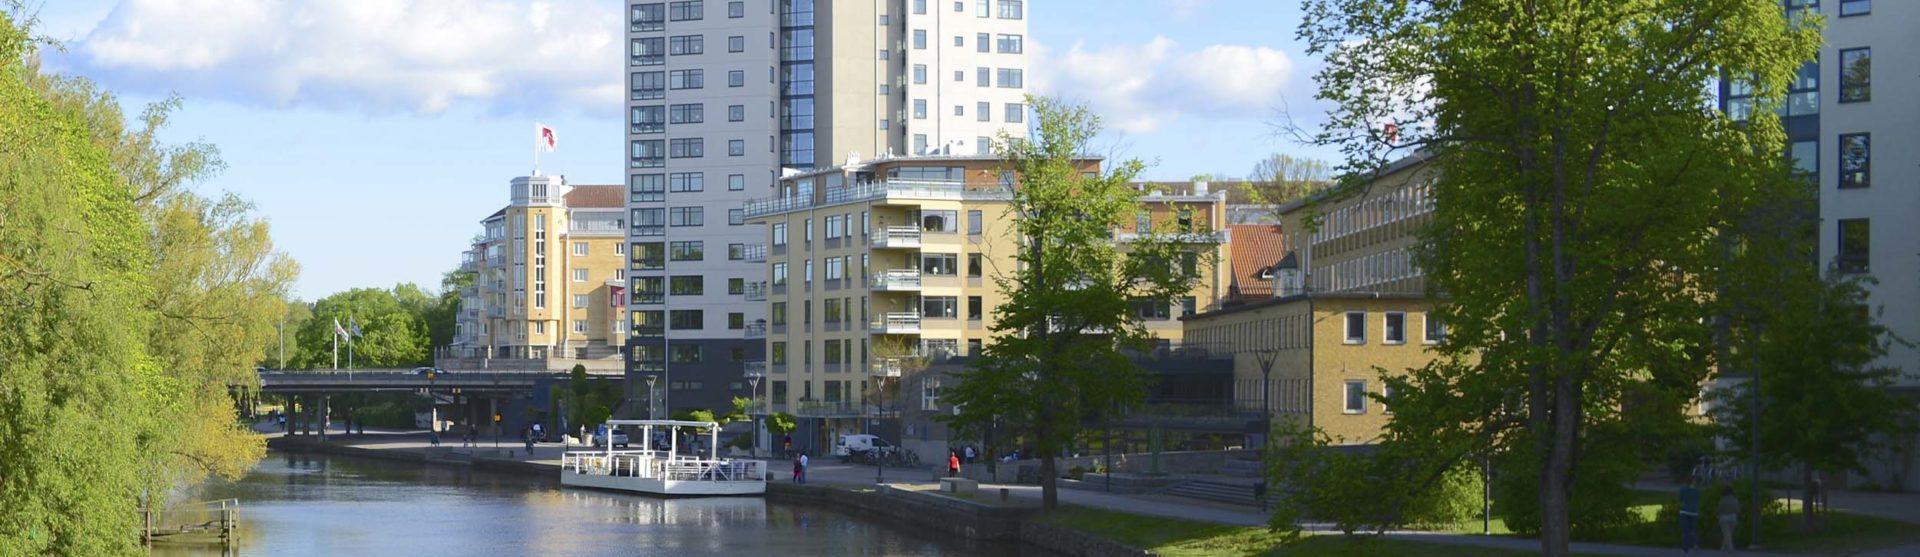 TNG är ett unikt rekryteringsföretag och bemanningsföretag i Linköping som ser allas potential och bidrar då till mångfald på arbetsplatsen